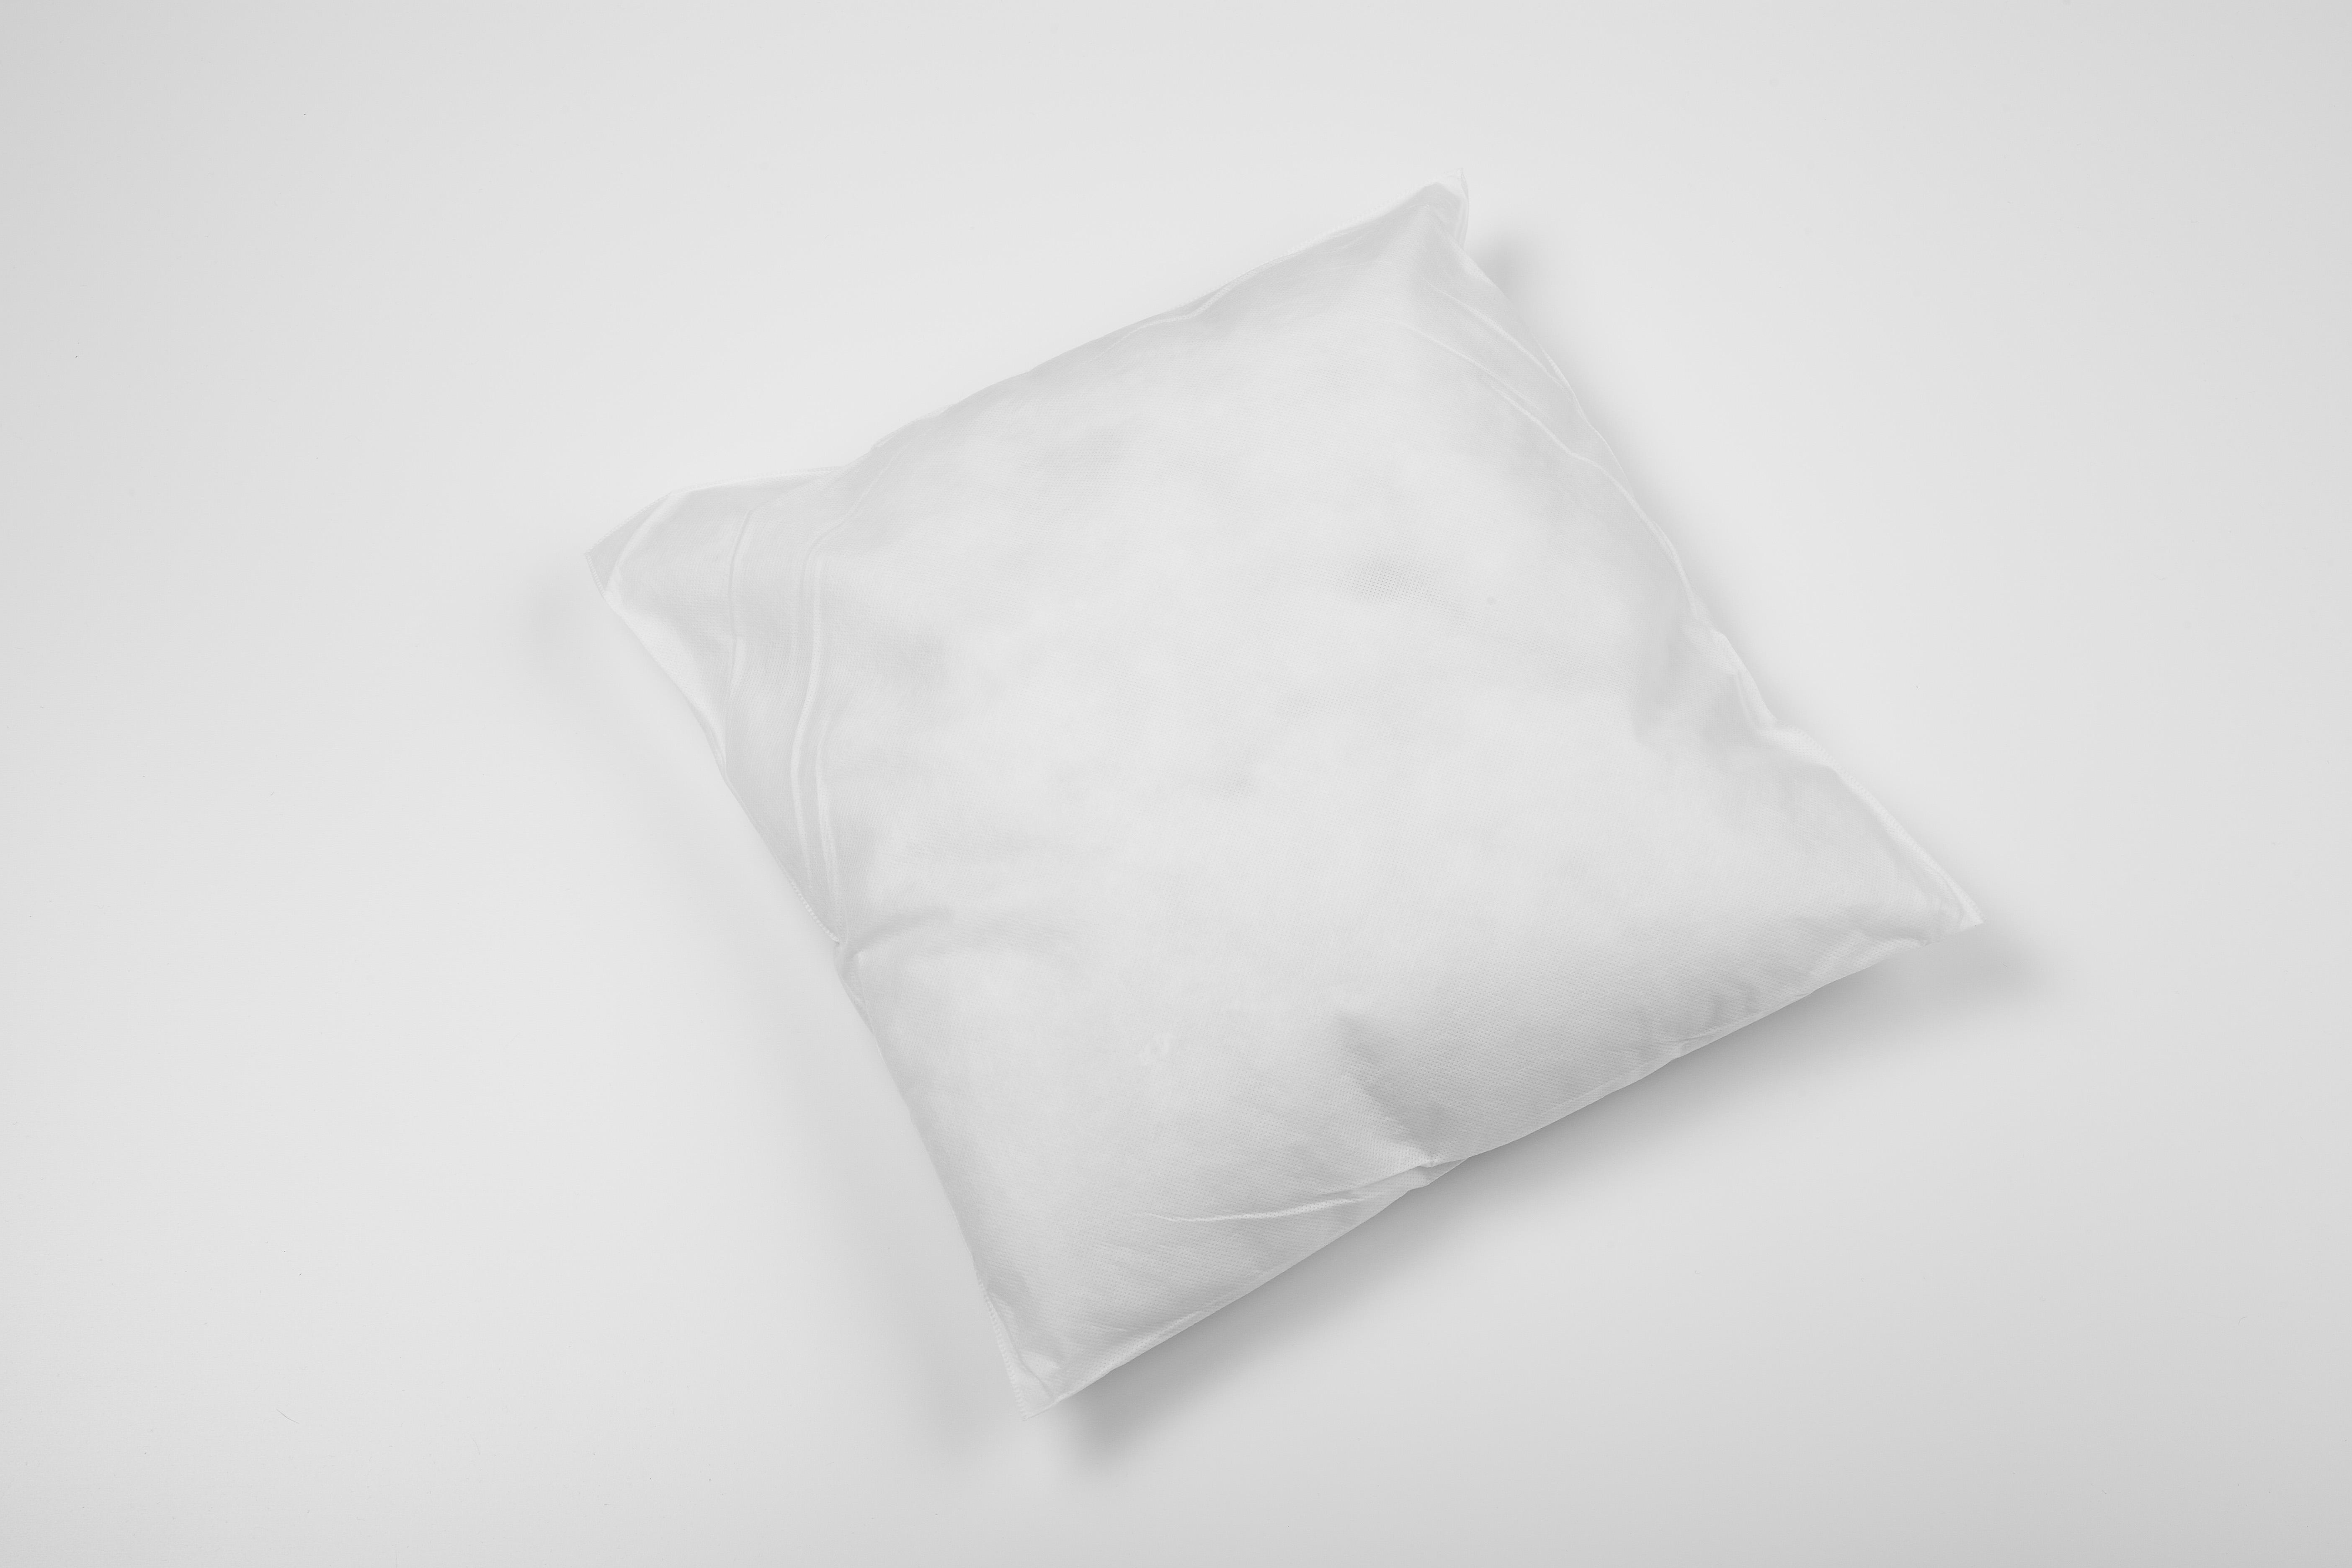 Einmalkissen weiß 40x40 cm